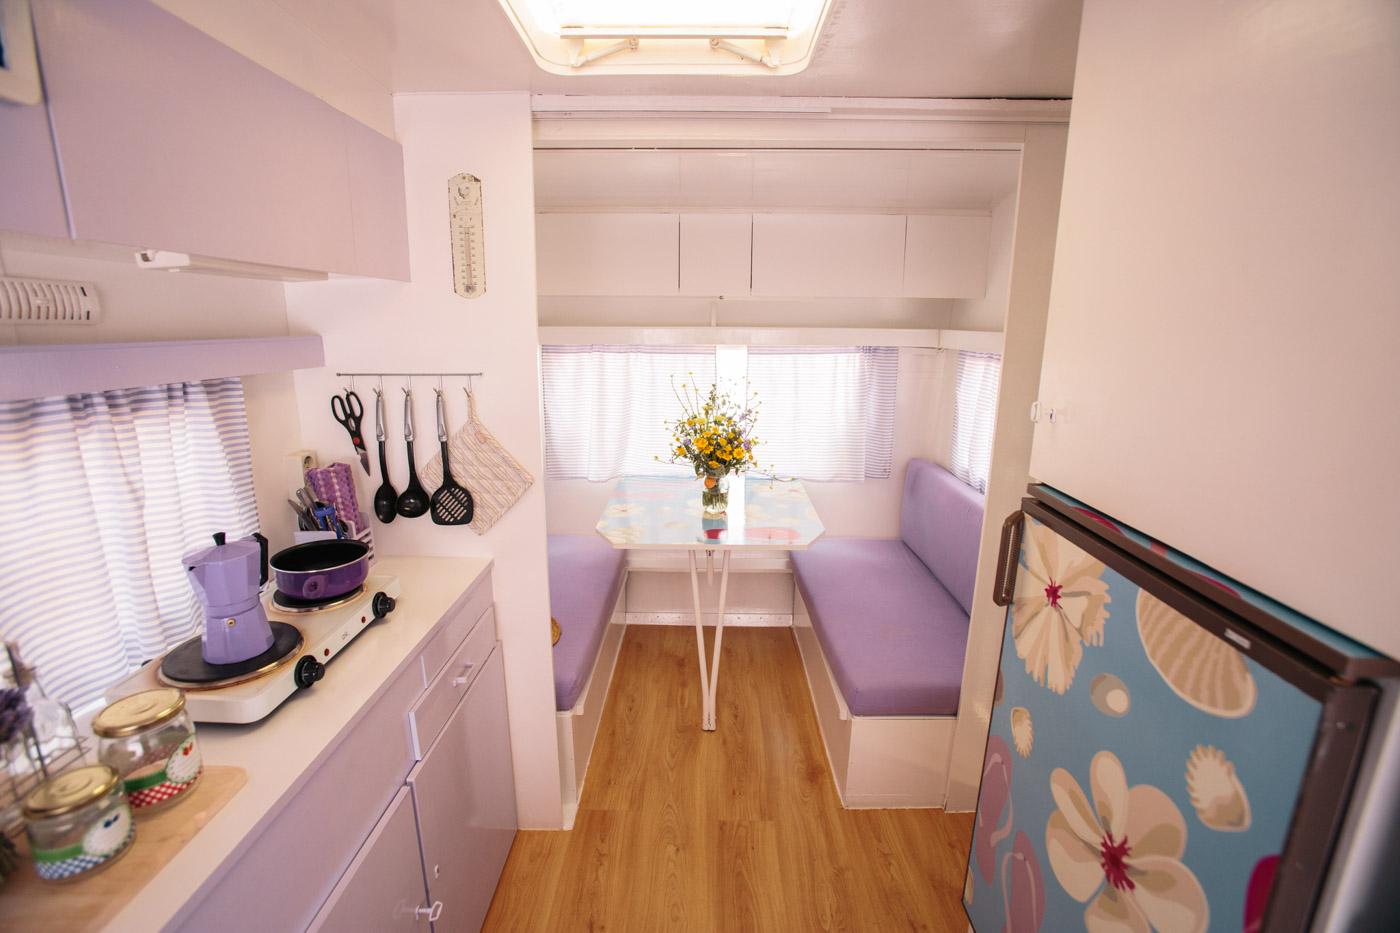 Camping miramar - Interior caravanas decoracion fotos ...